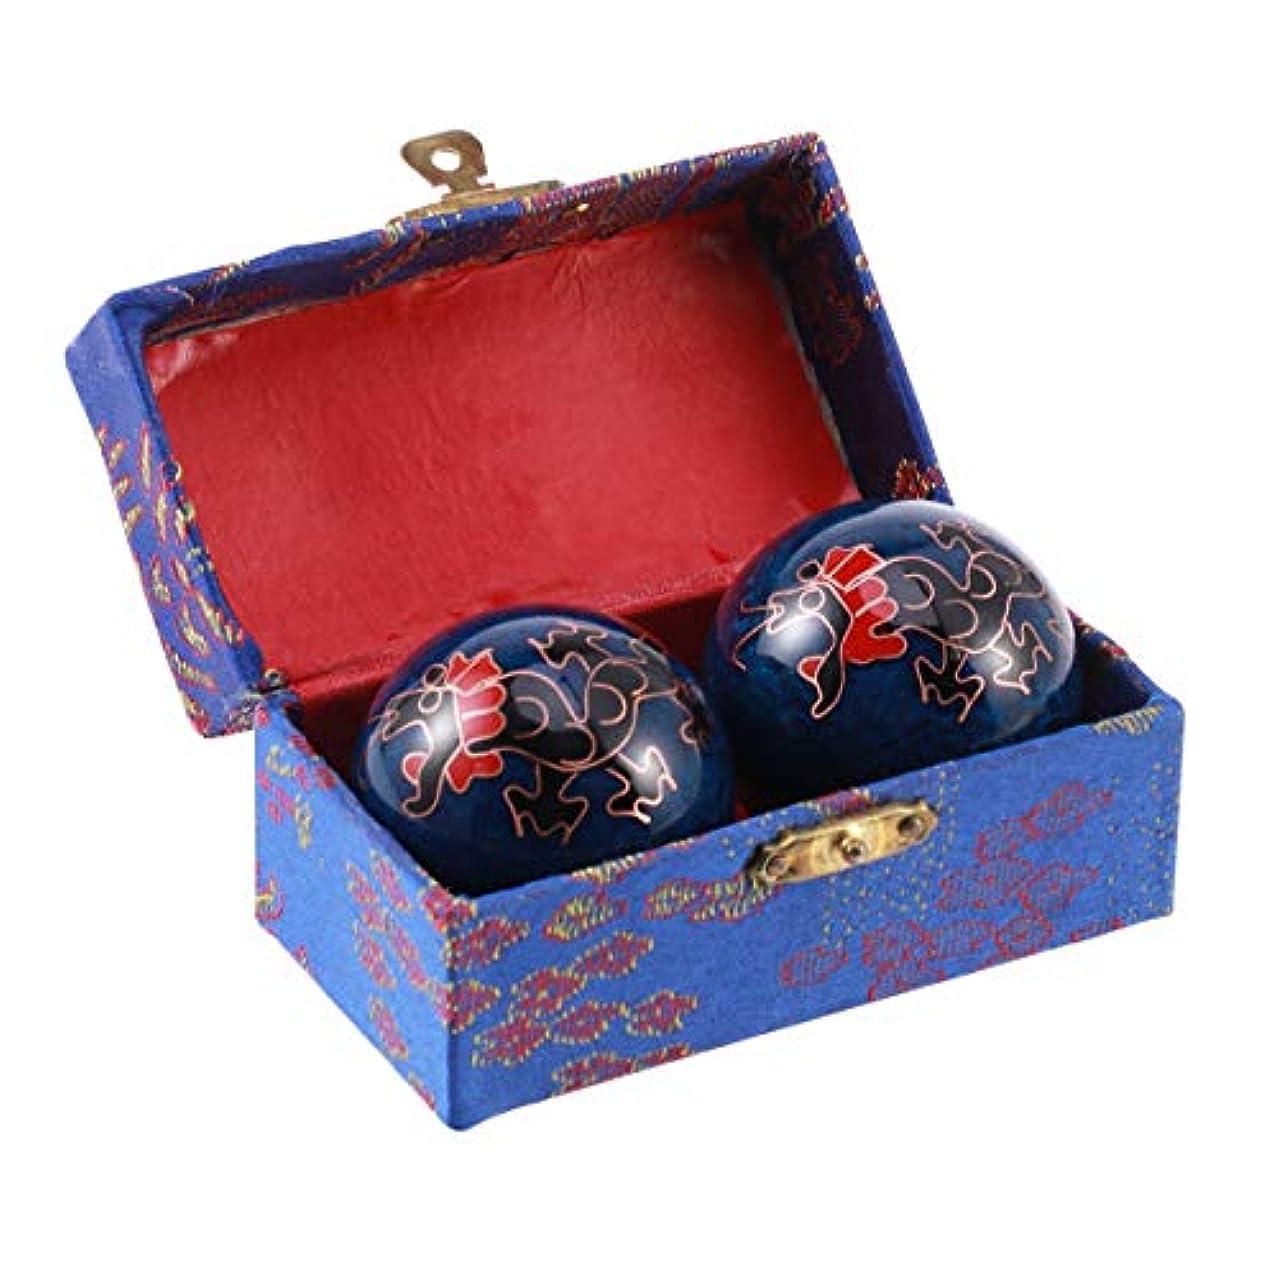 ソーセージリア王株式Healifty 2pcs中国の健康玉はボールを鍛える運動マッサージボールのストレスは、ハンドセラピーのストレスリリーフ(ブラックドラゴンズとフェニックス)のハンドエクササイズセラピーボールを解放します。